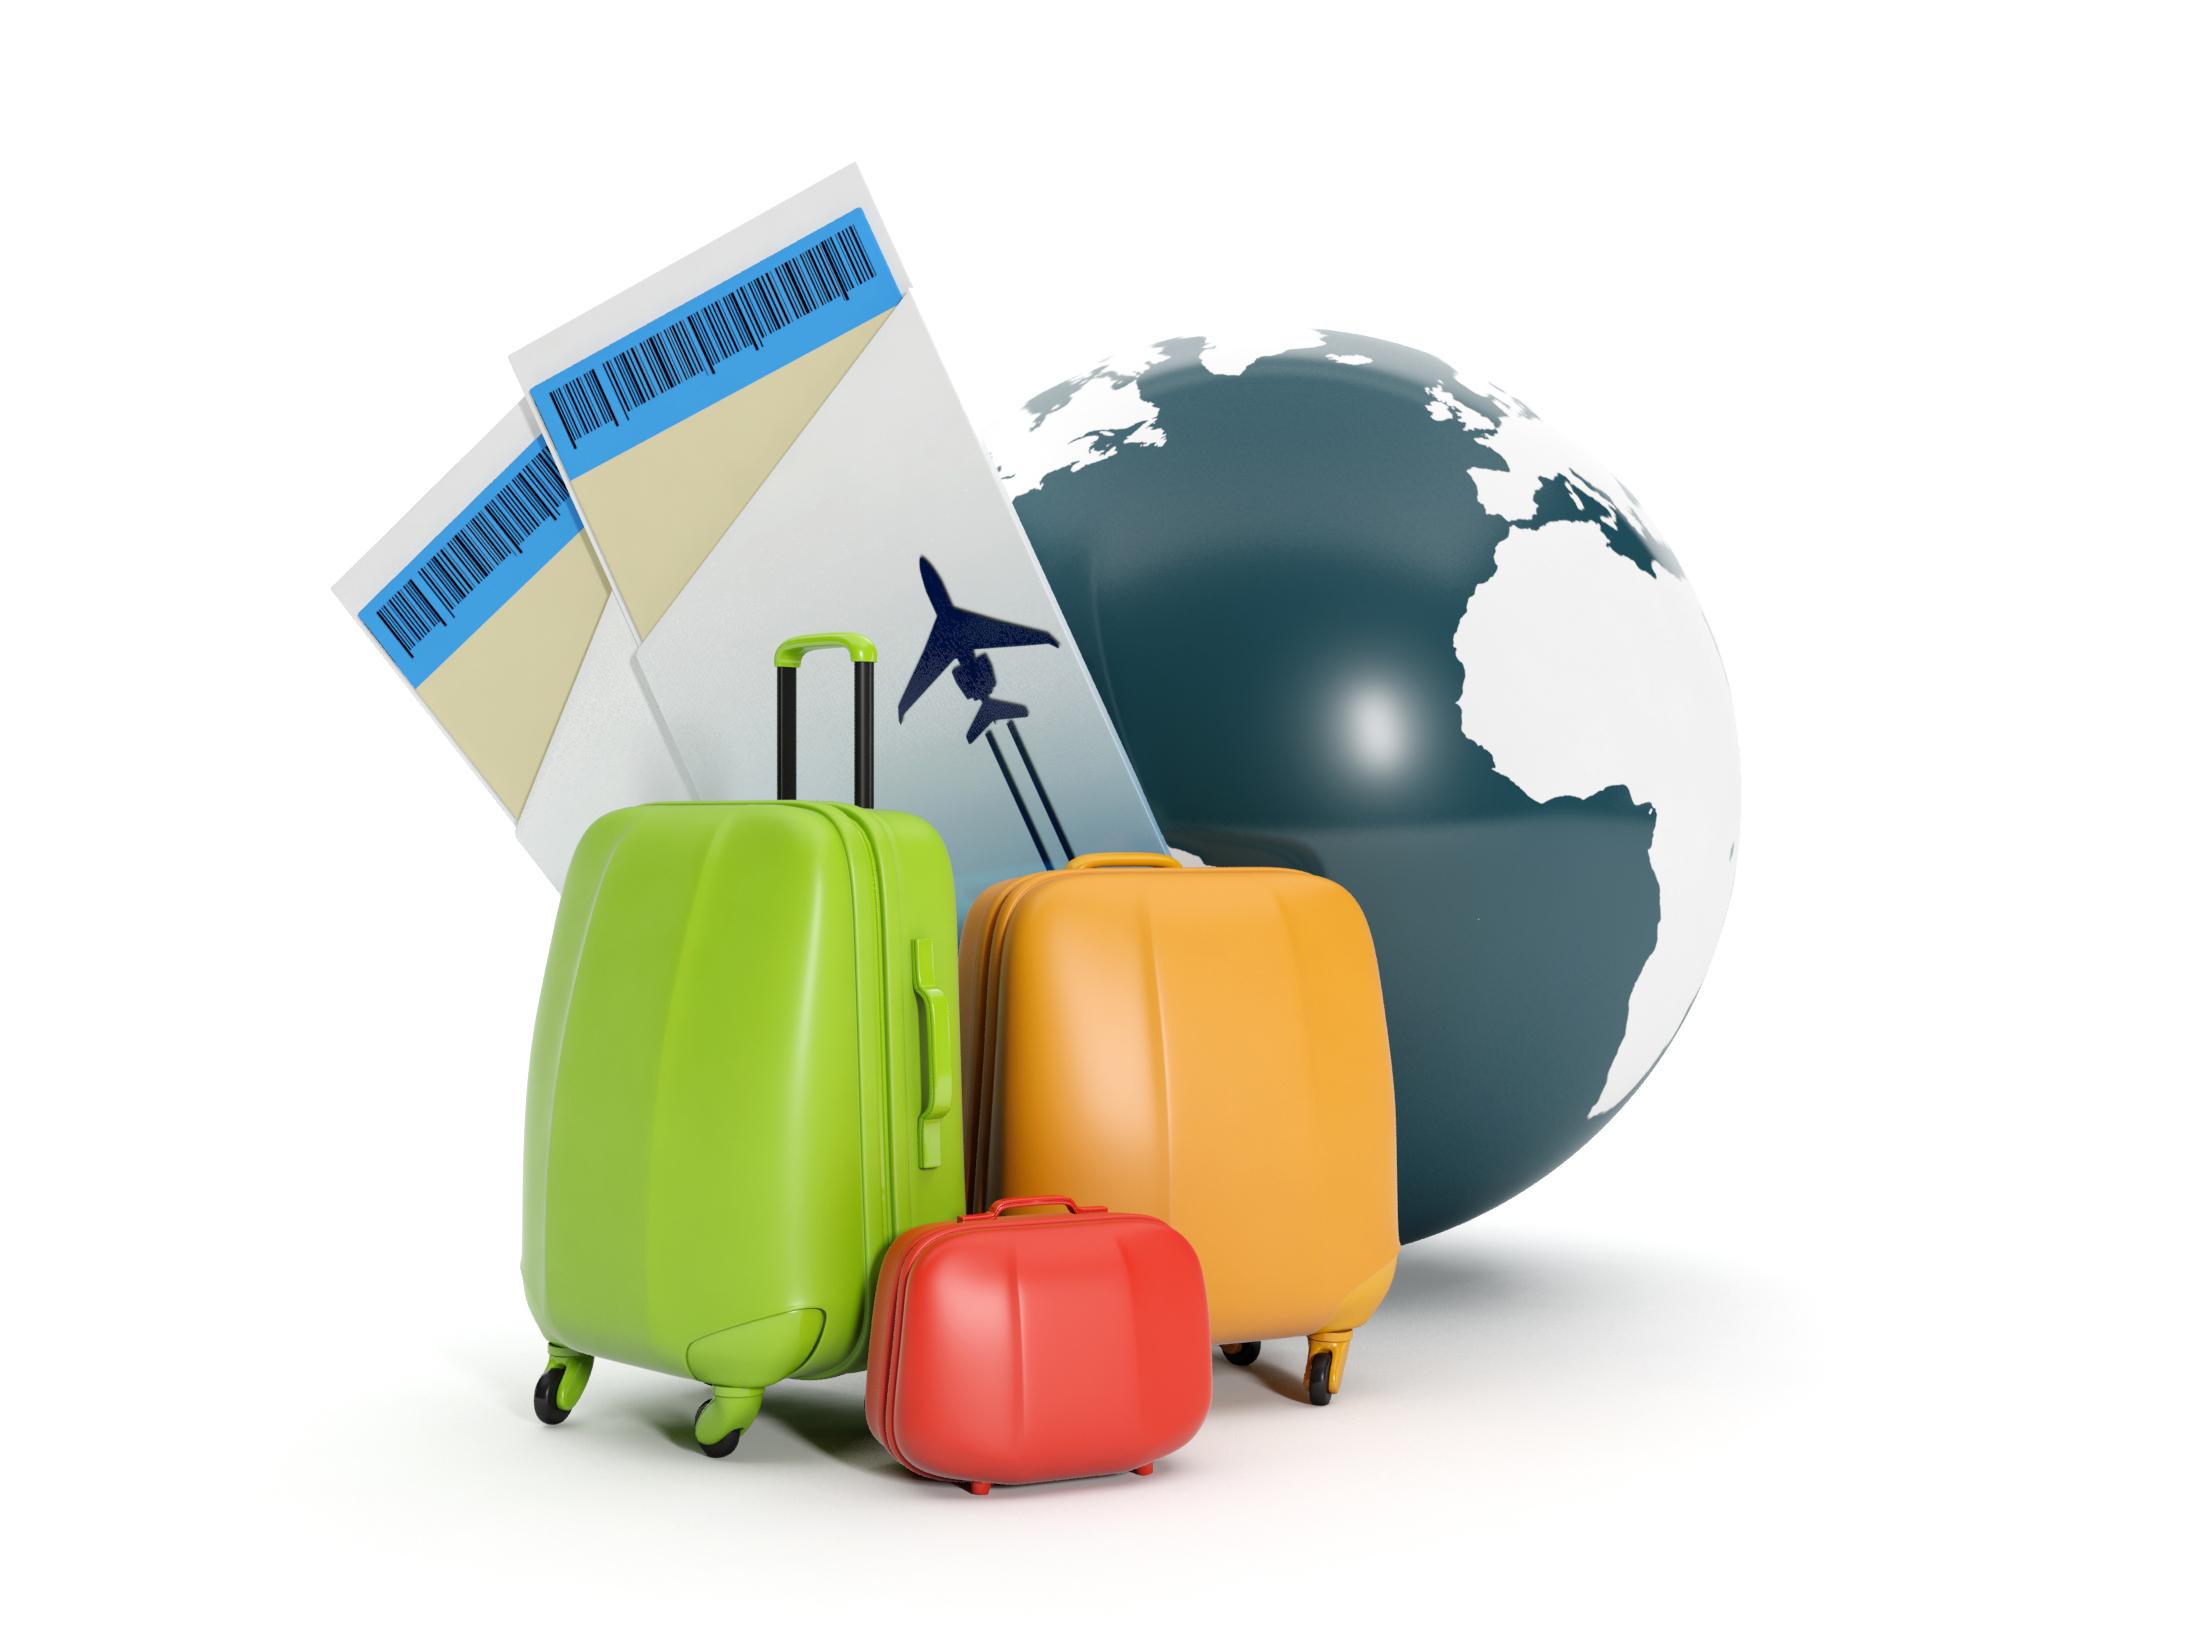 Contributo a fondo perduto fino a 200.000,00 € per la promozione e lo sviluppo di reti di impresa operanti nel settore del turismo